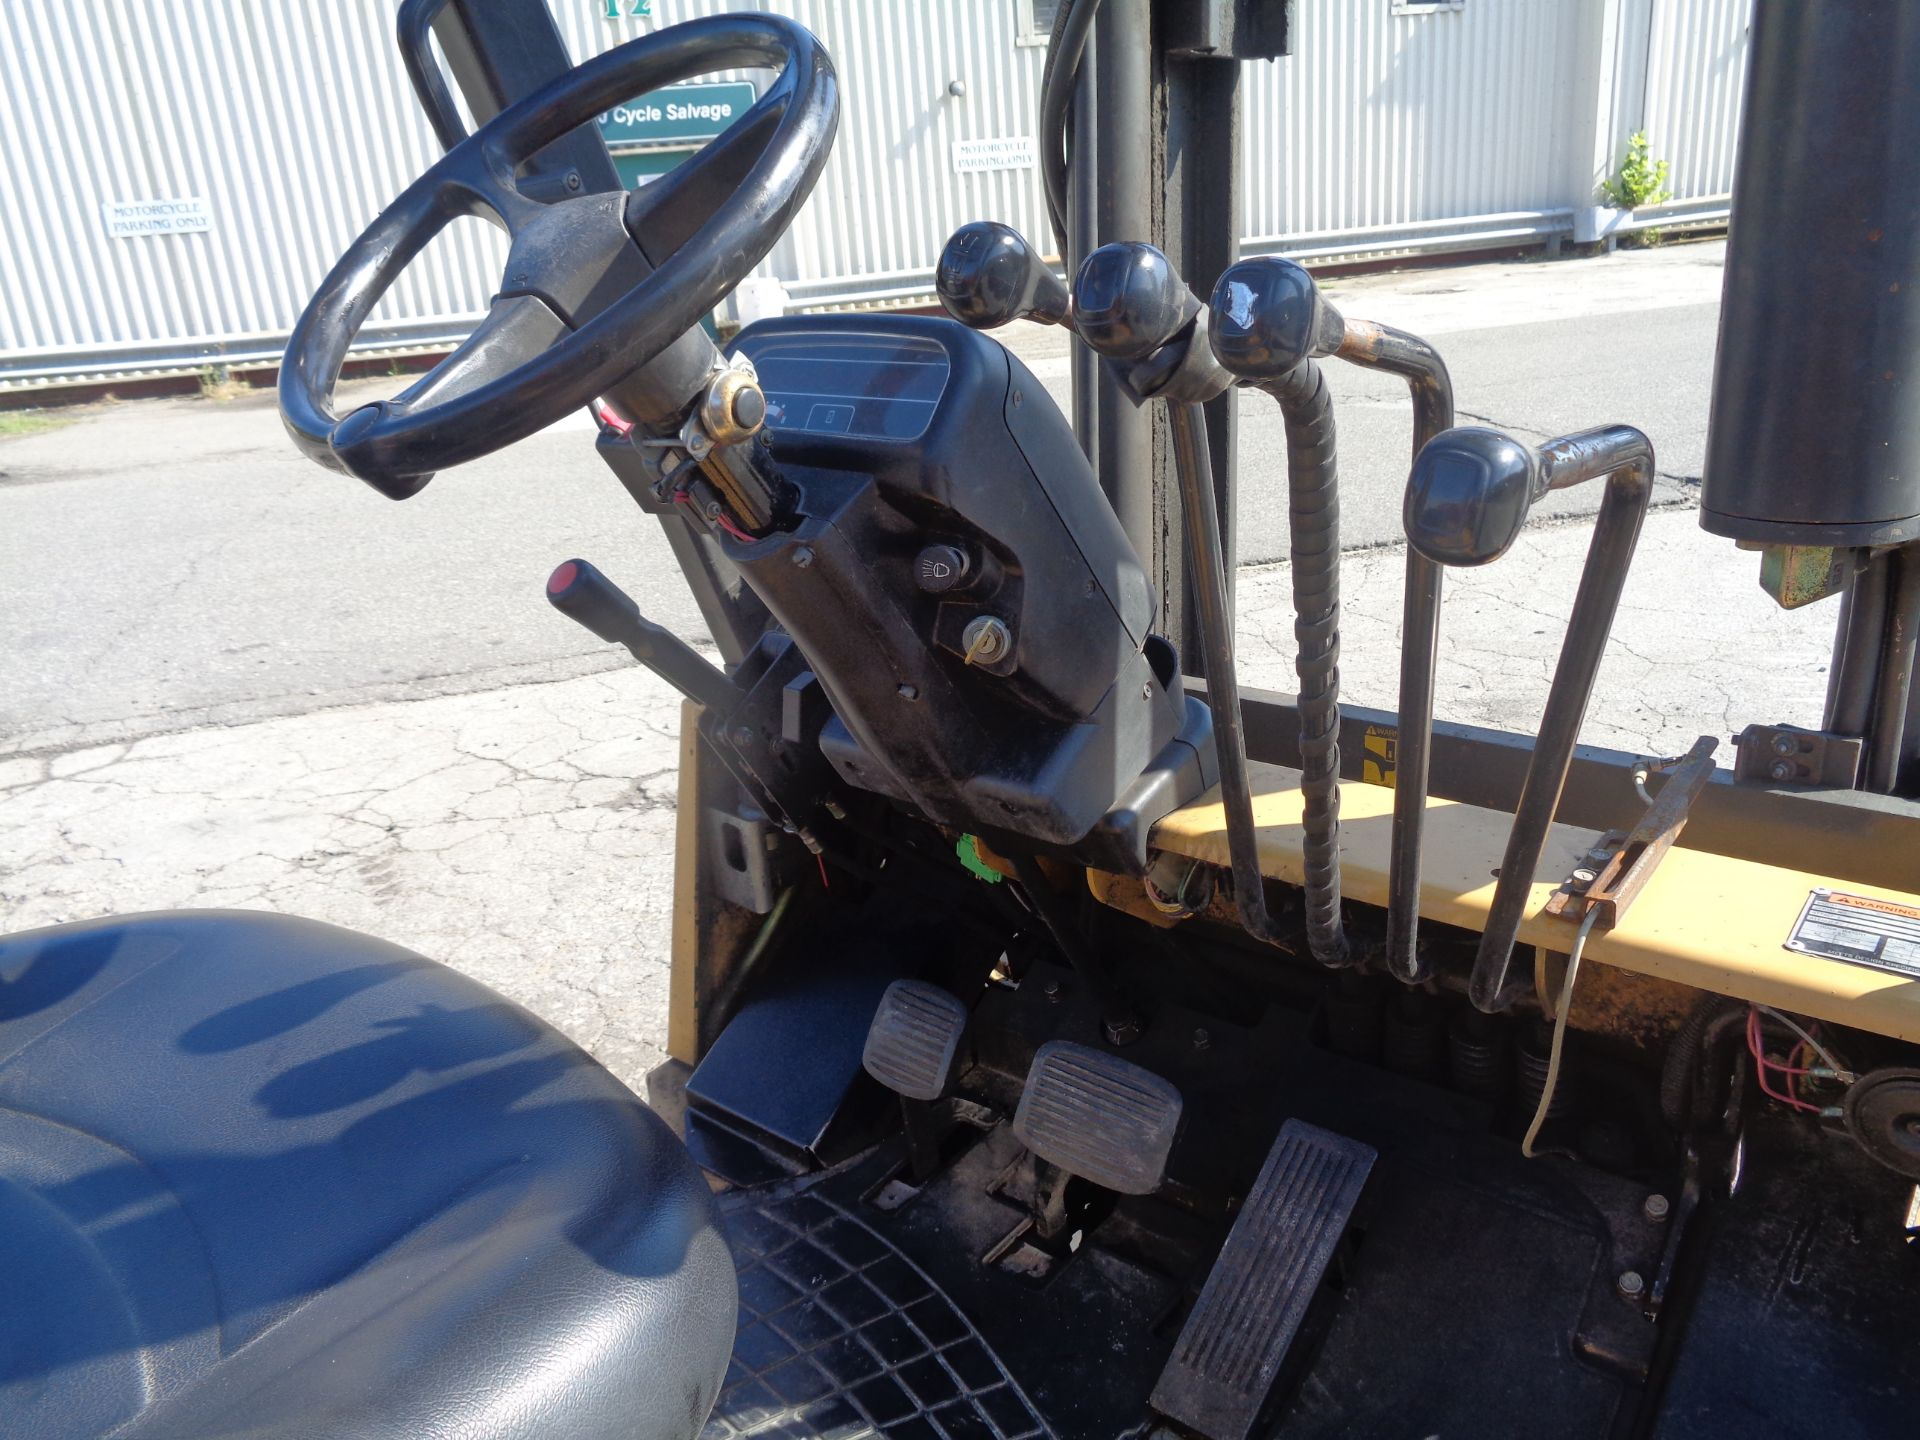 Caterpillar GC55KSTR 11,000lb Forklift - Image 12 of 14